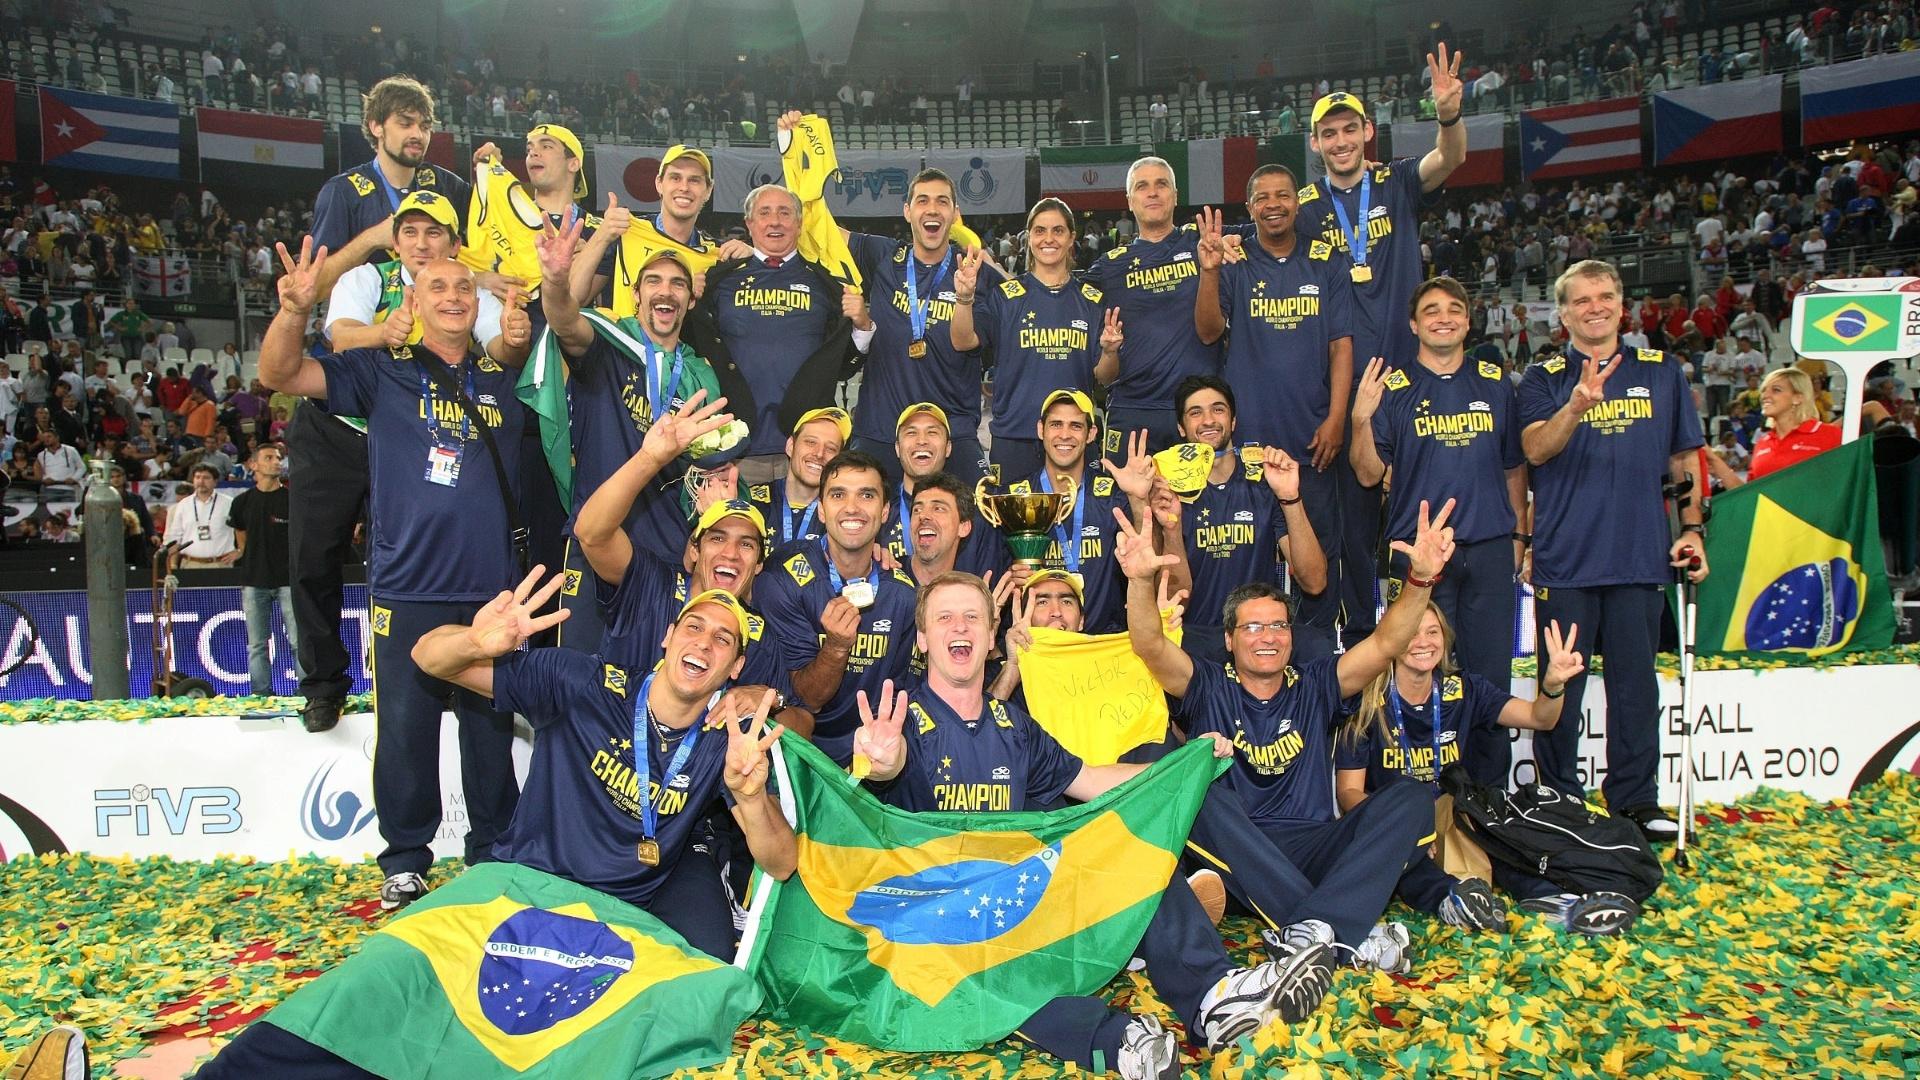 Seleção brasileira campeã mundial de vôlei em 2010